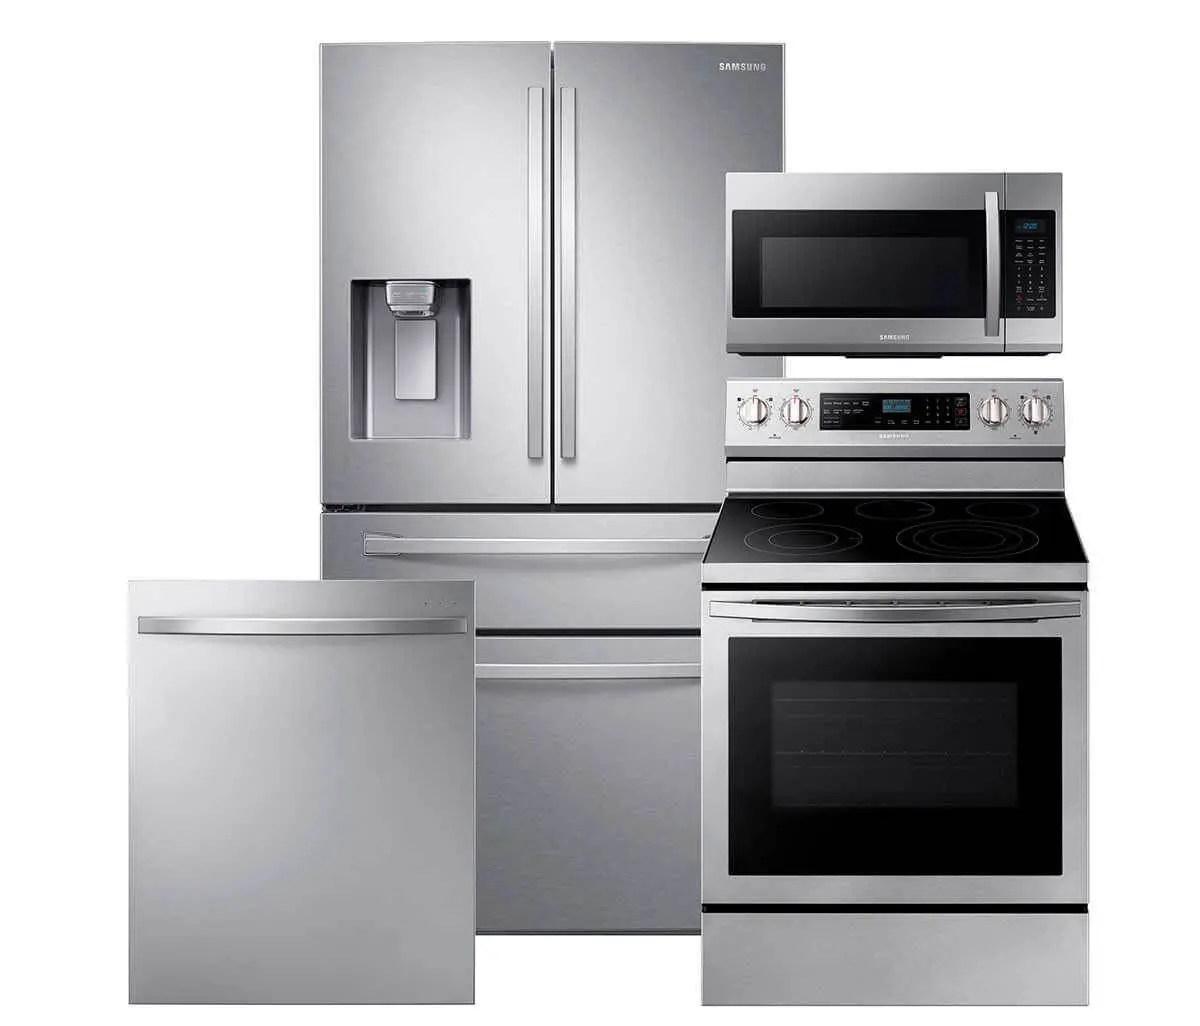 samsung french door 4 door refrigerator kitchen package stainless steel